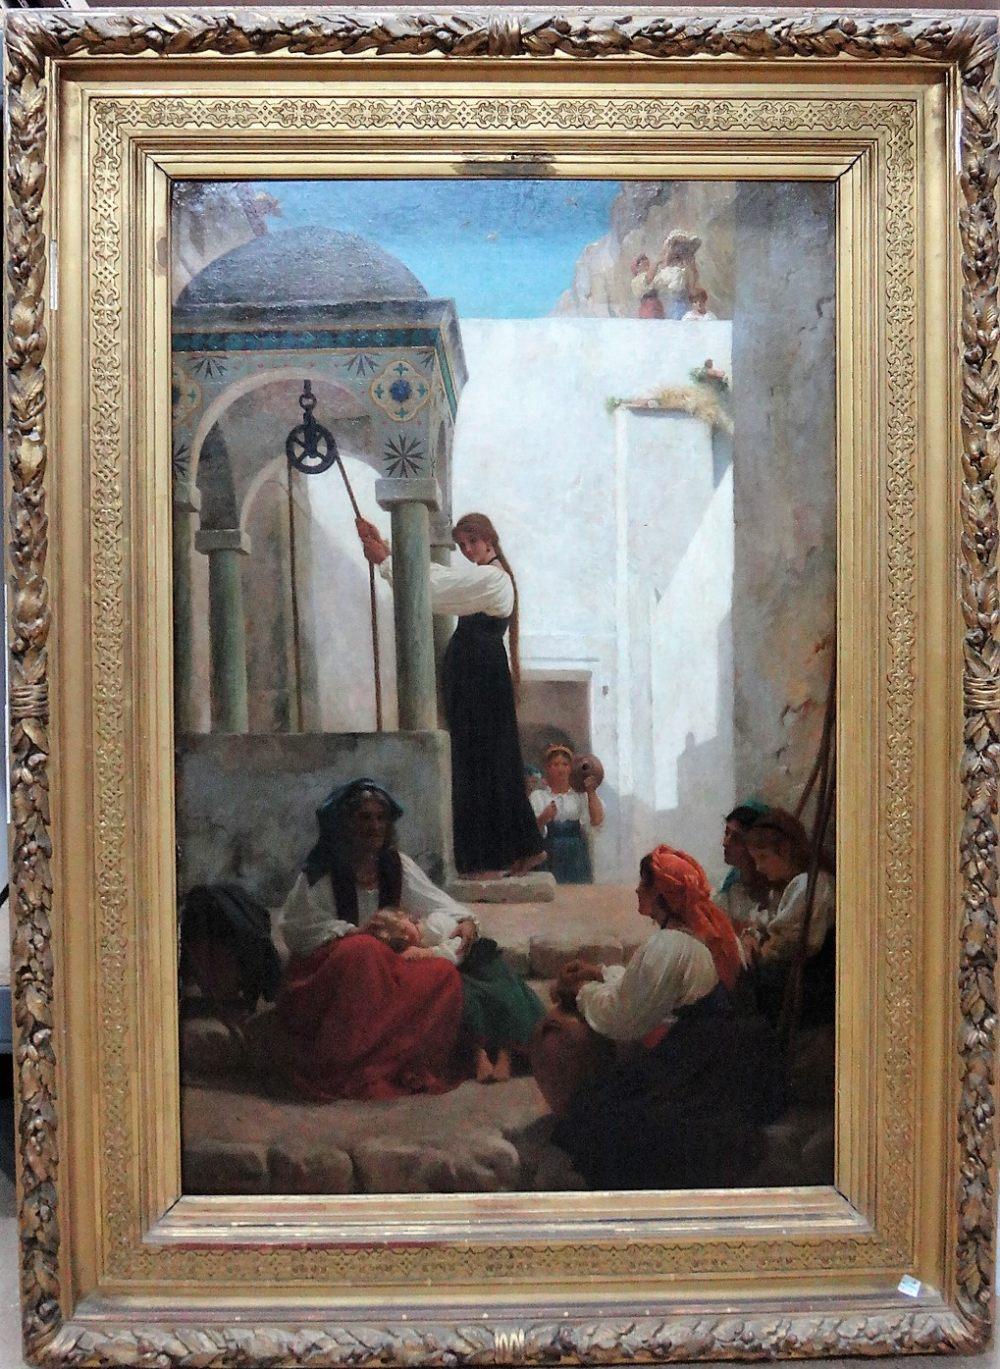 Lot 1049 - Paul Alfred de Curzon (1820-1895), Women at the well: Autour d'un Puits a Amalfi, oil on canvas,